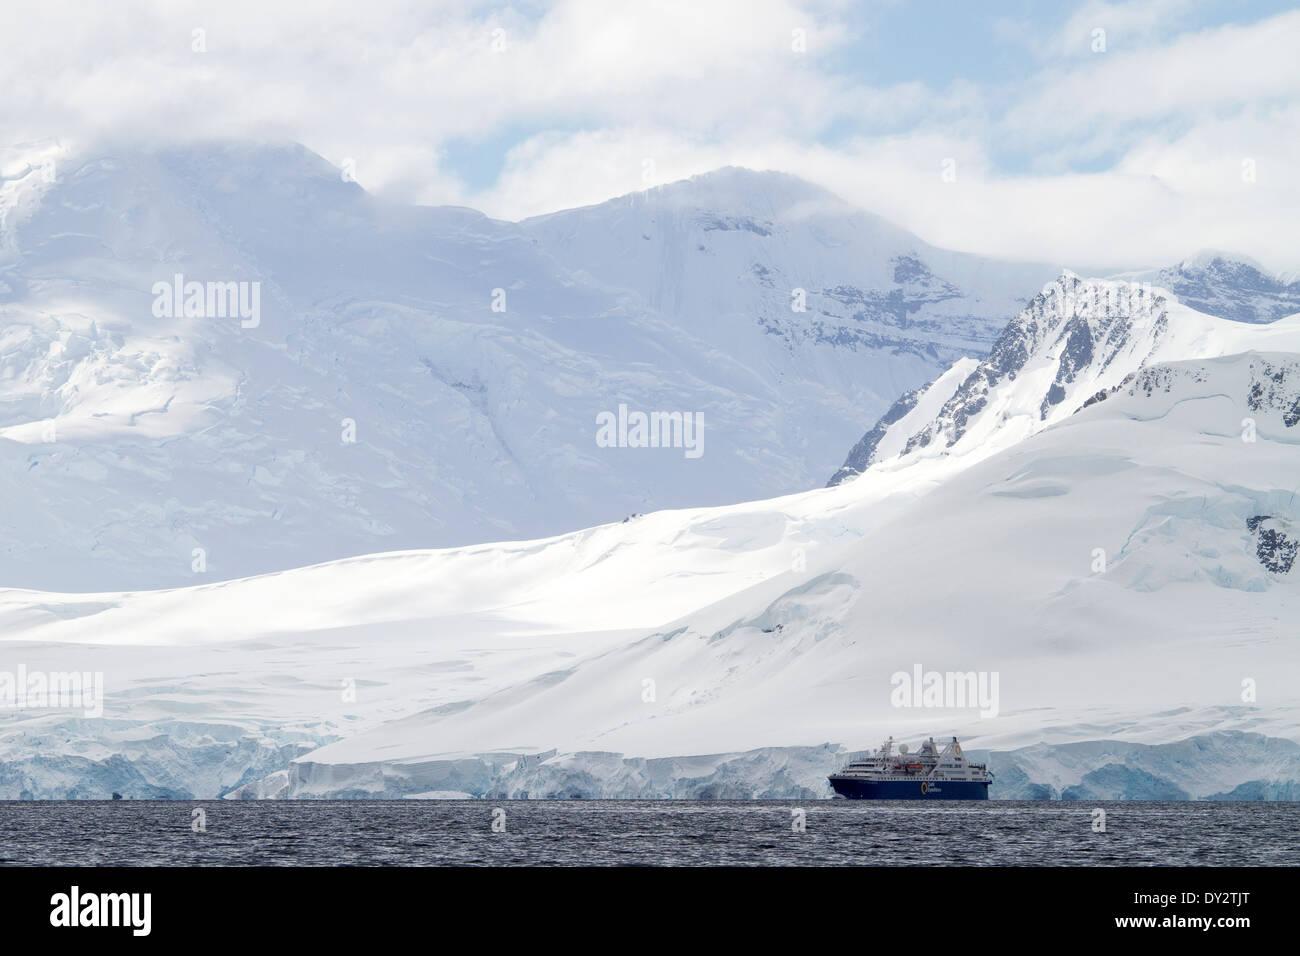 Antarktis Tourismus Expedition Kreuzfahrtschiff sieht klein in der Antarktis-Landschaft der Berge, Berg, antarktische Stockbild